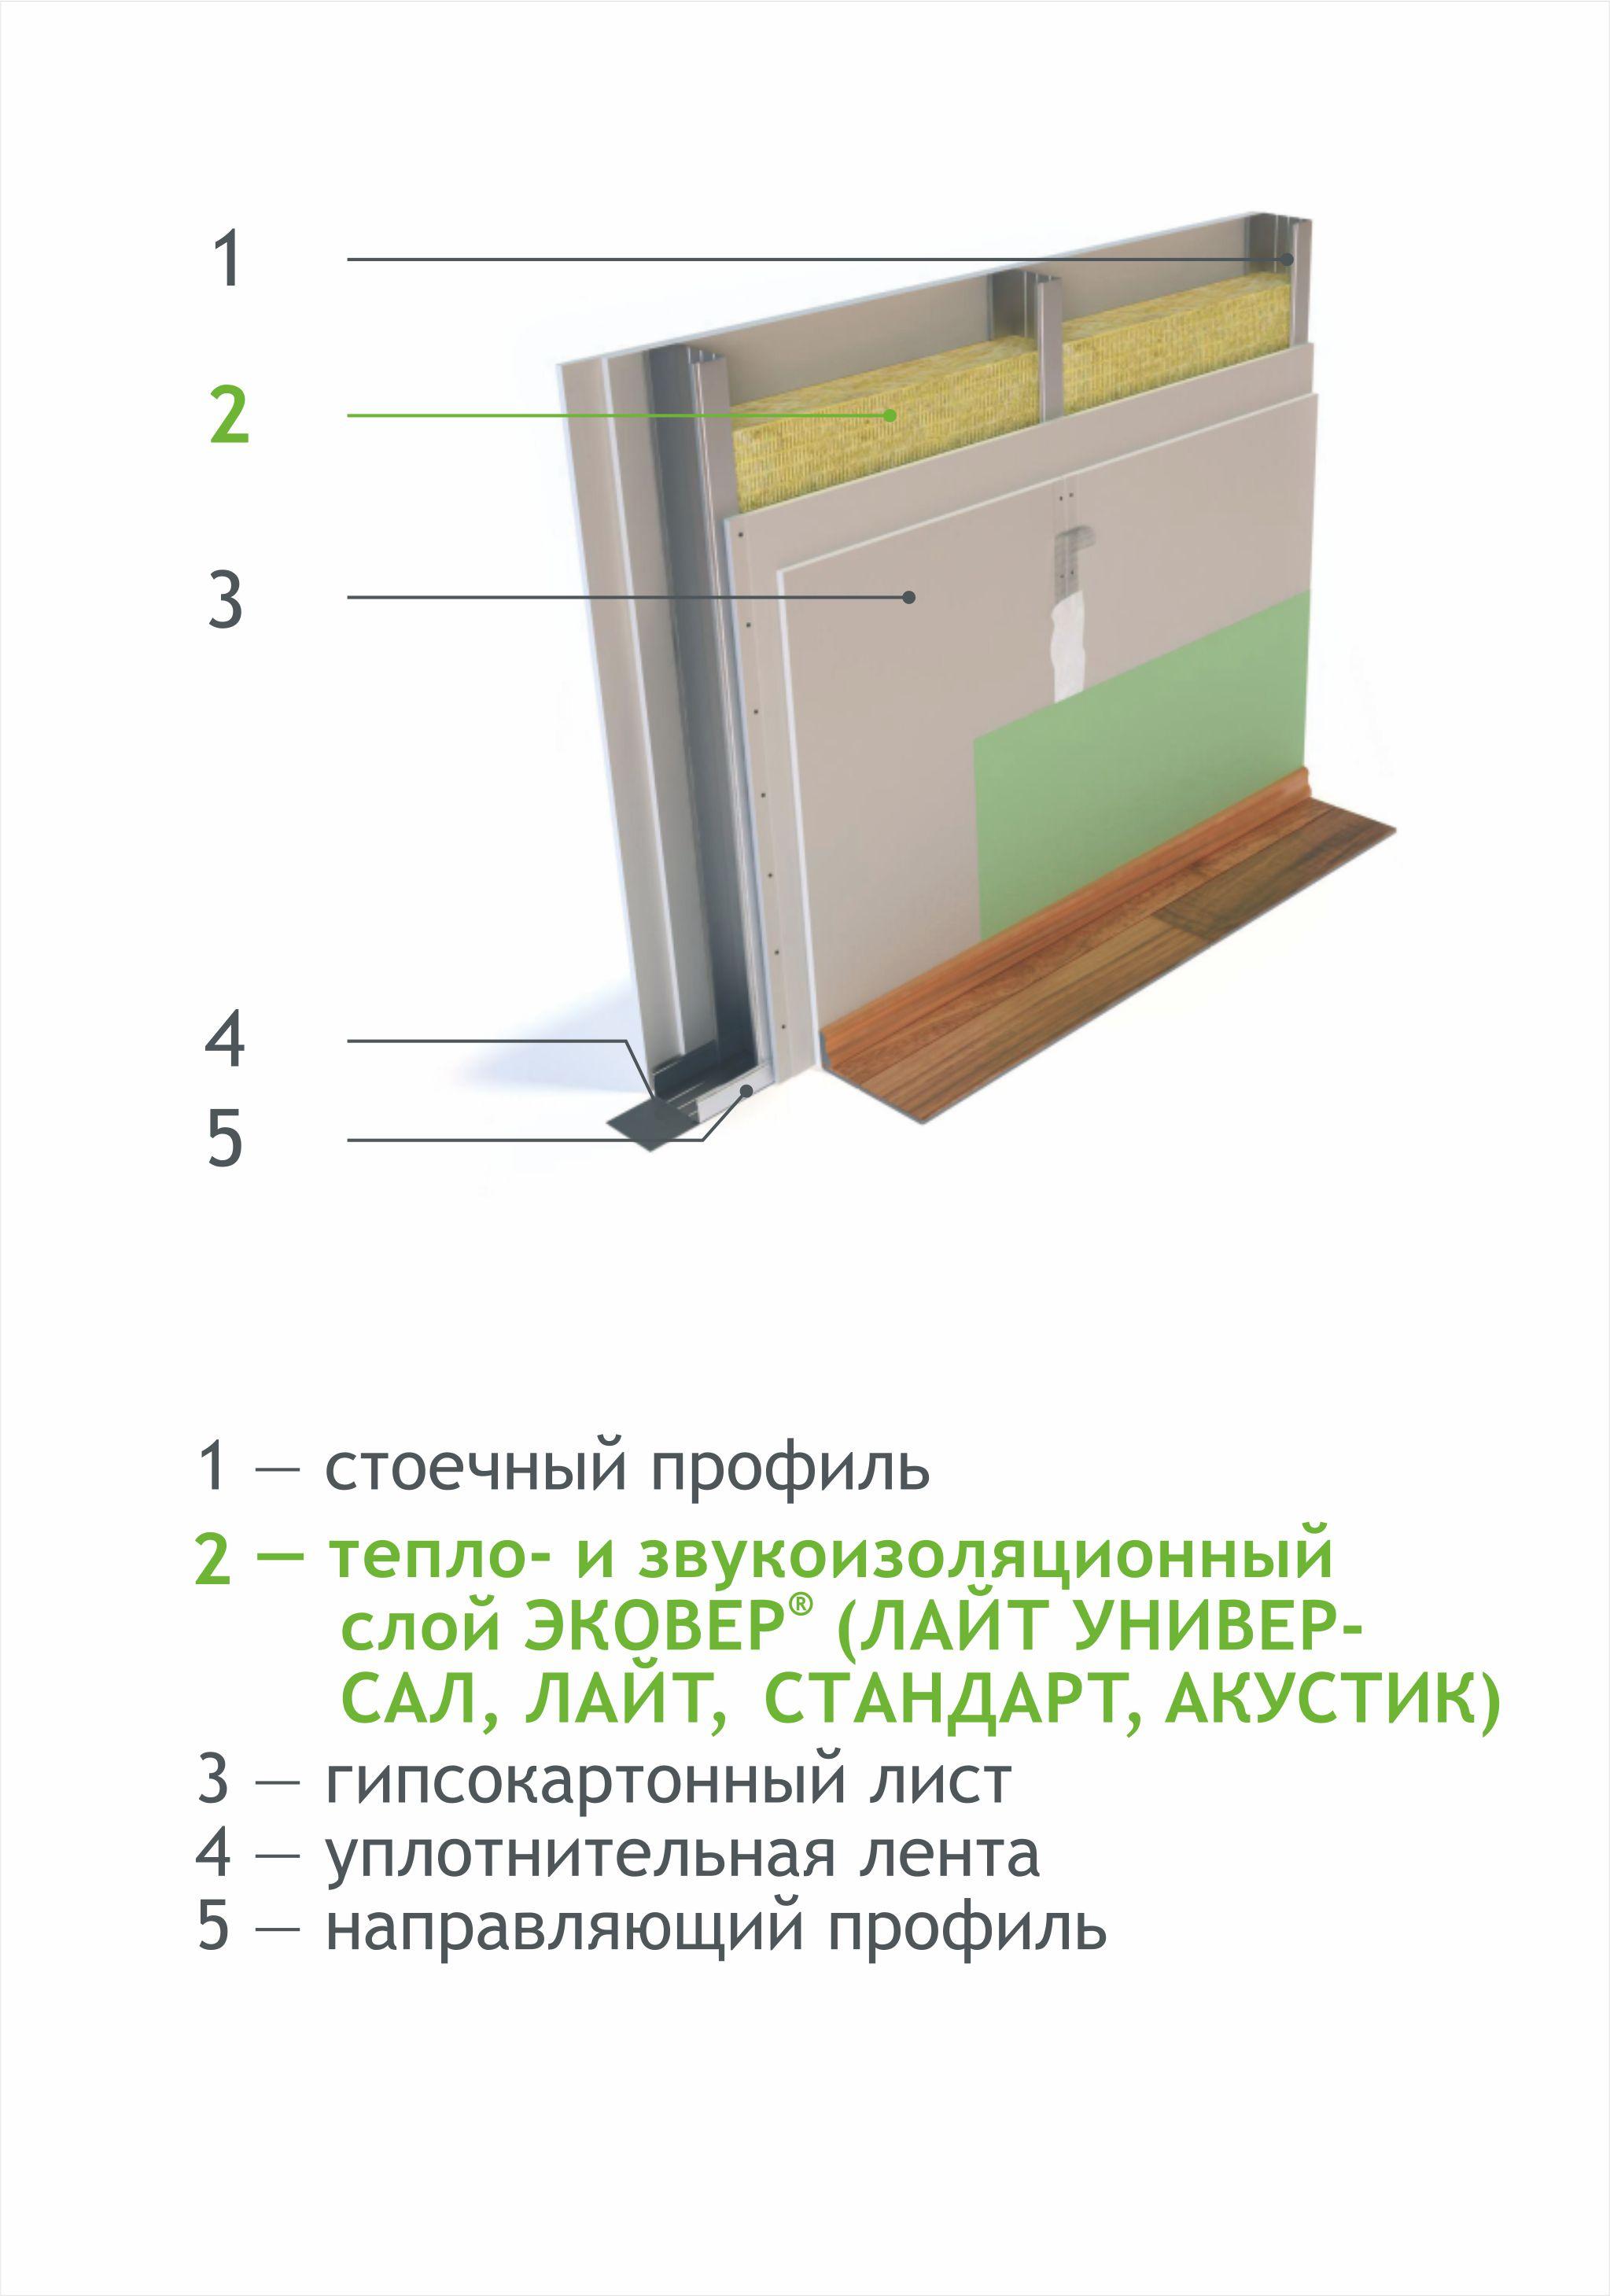 Теплоизоляция термафлекс диаметр